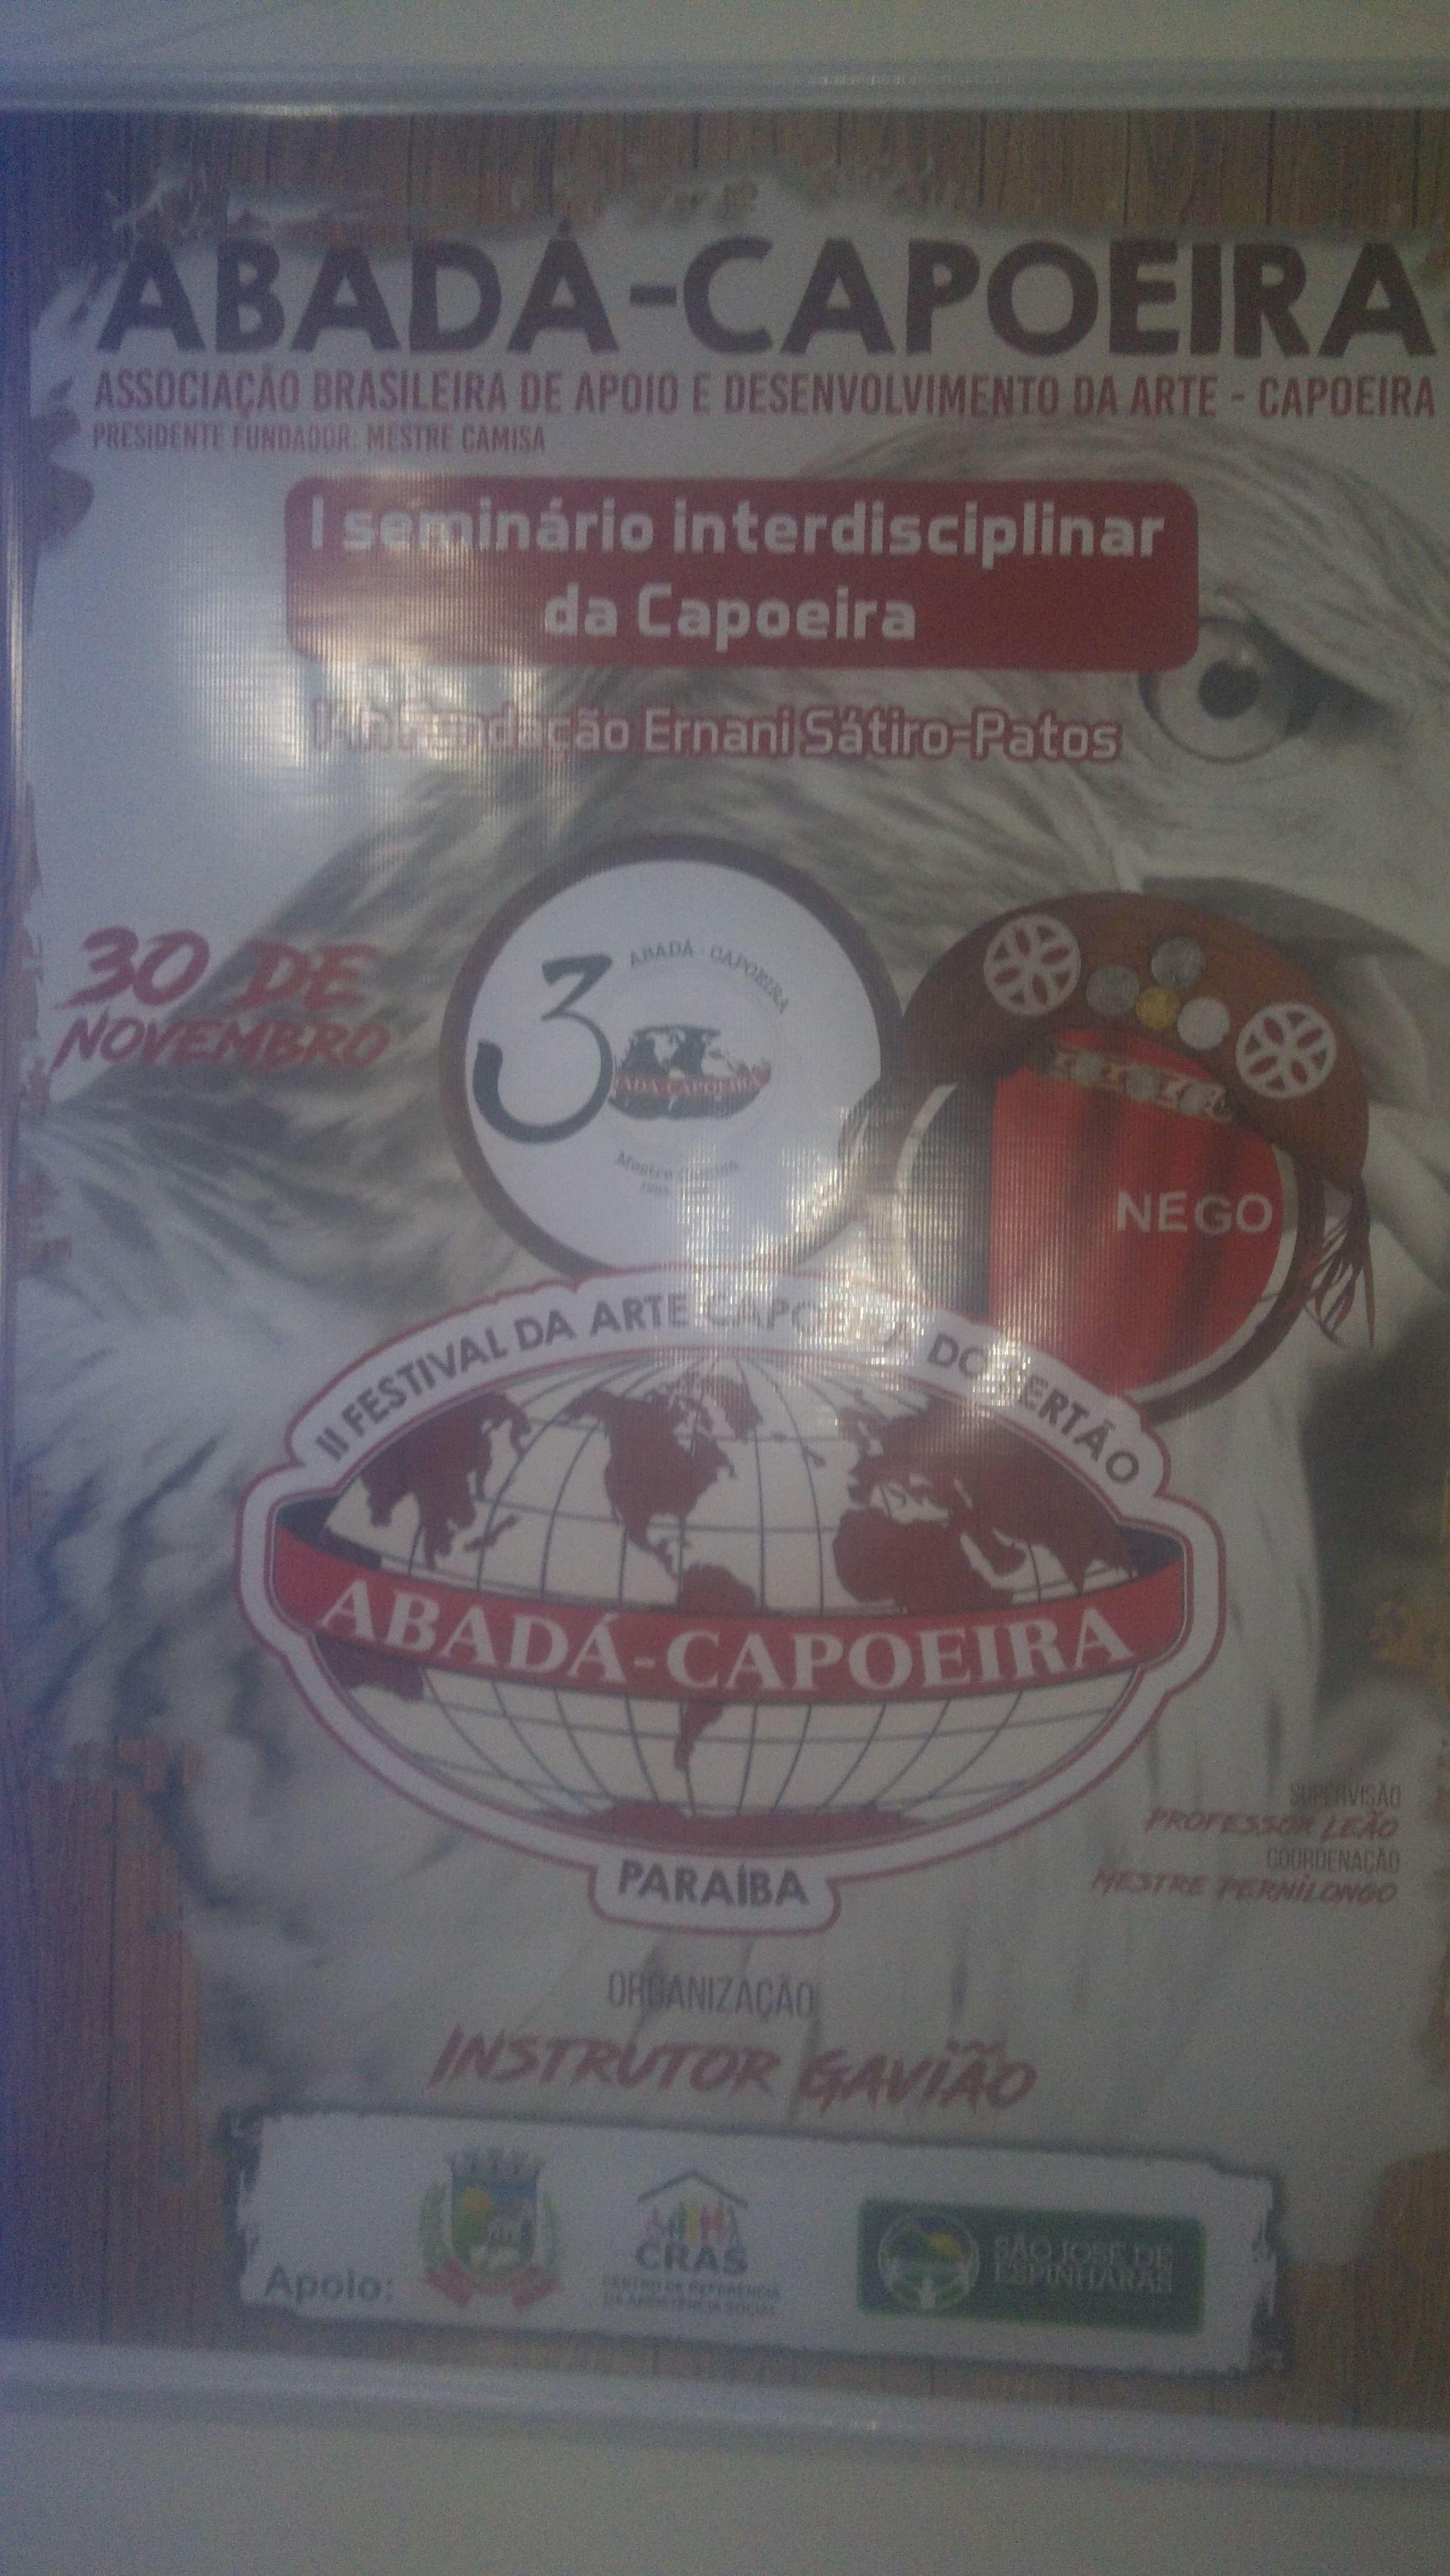 I SEMINÁRIO INTERDISCIPLINAR DE CAPOEIRA